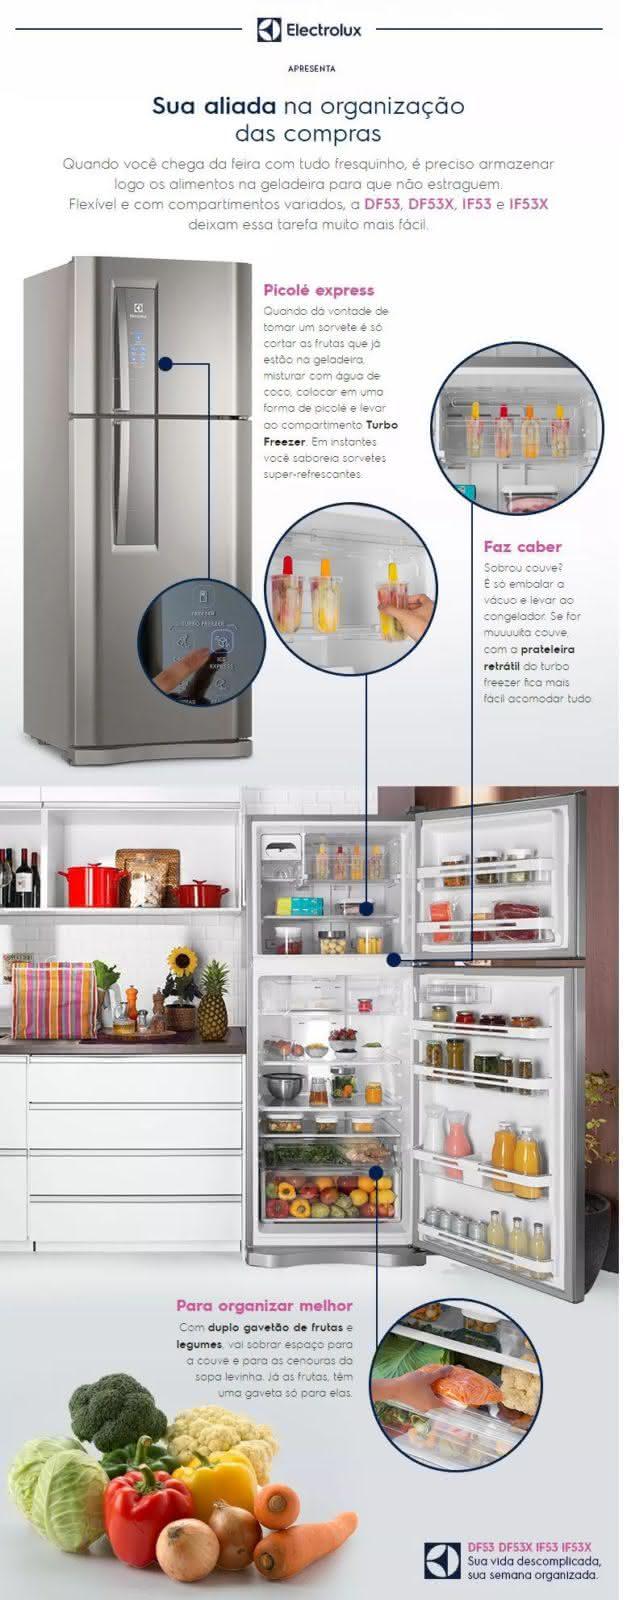 Geladeira / Refrigerador Duplex 427 litros Frost Free Branco Blue Touch DF53 - Electrolux 110 V 17